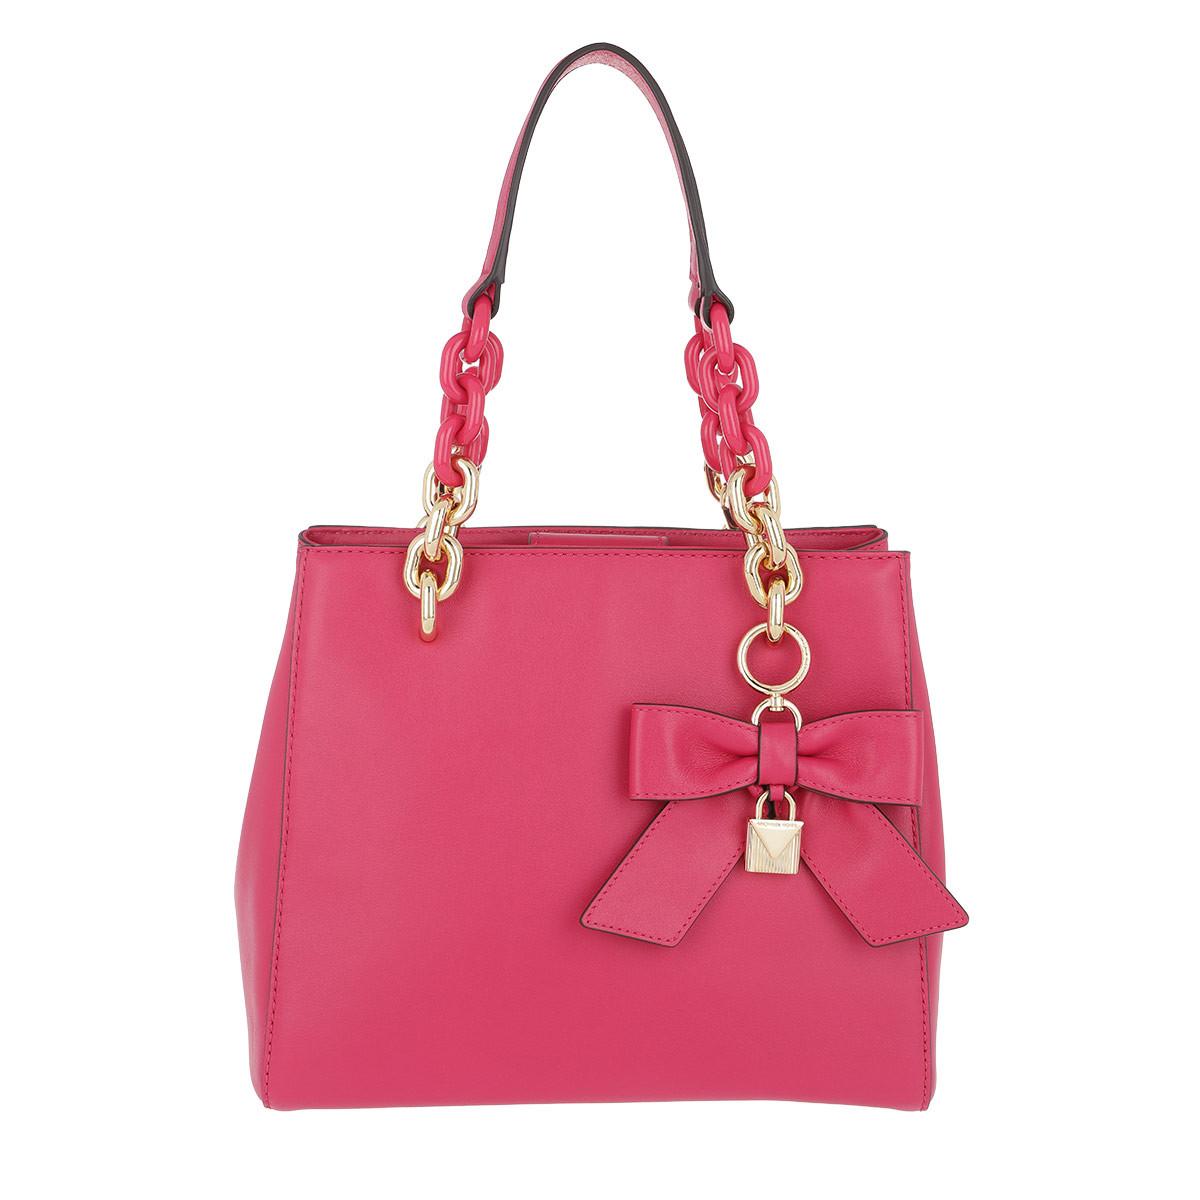 uM5cSy5krd Tassen met handvat - Cynthia SM NS Conv Satchel Bag Ultra Pink in roze voor dames Korting Voor Goedkope Vinden Grote Verkoop Online Outlet Beste Prijzen 7z5wA5ya4